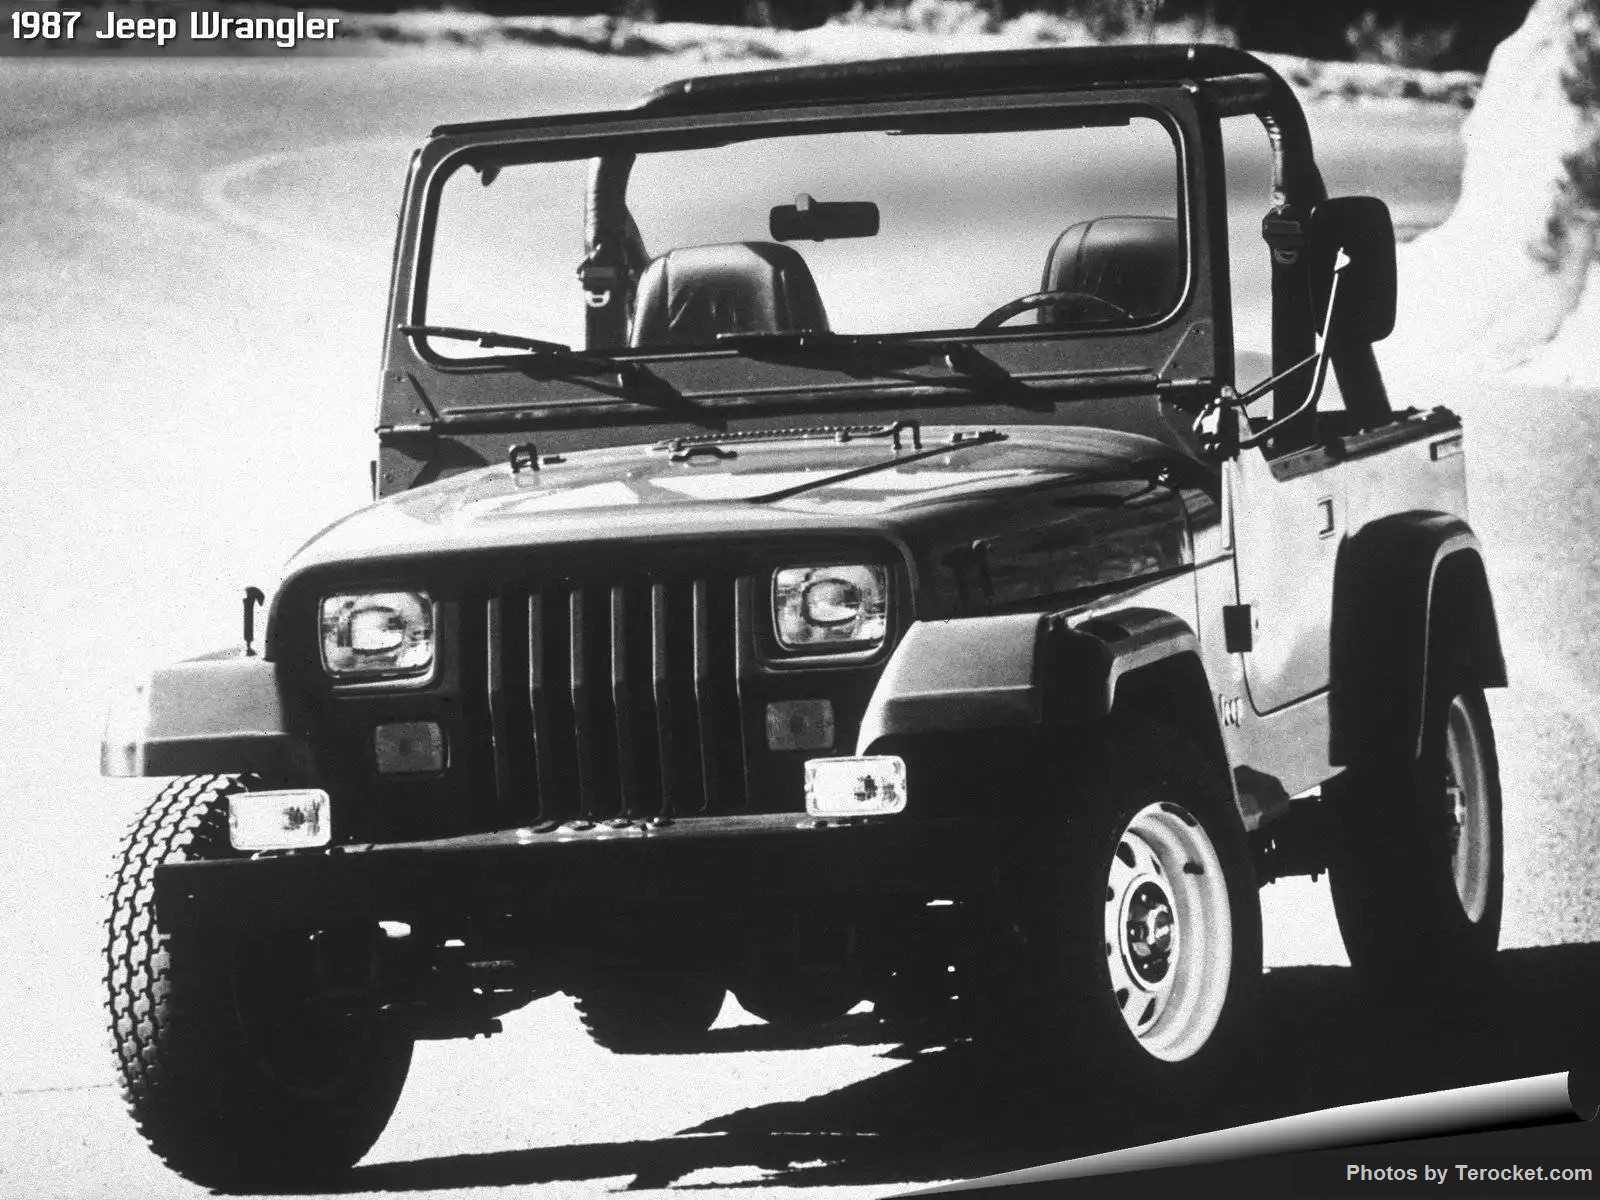 Hình ảnh xe ô tô Jeep Wrangler 1987 & nội ngoại thất